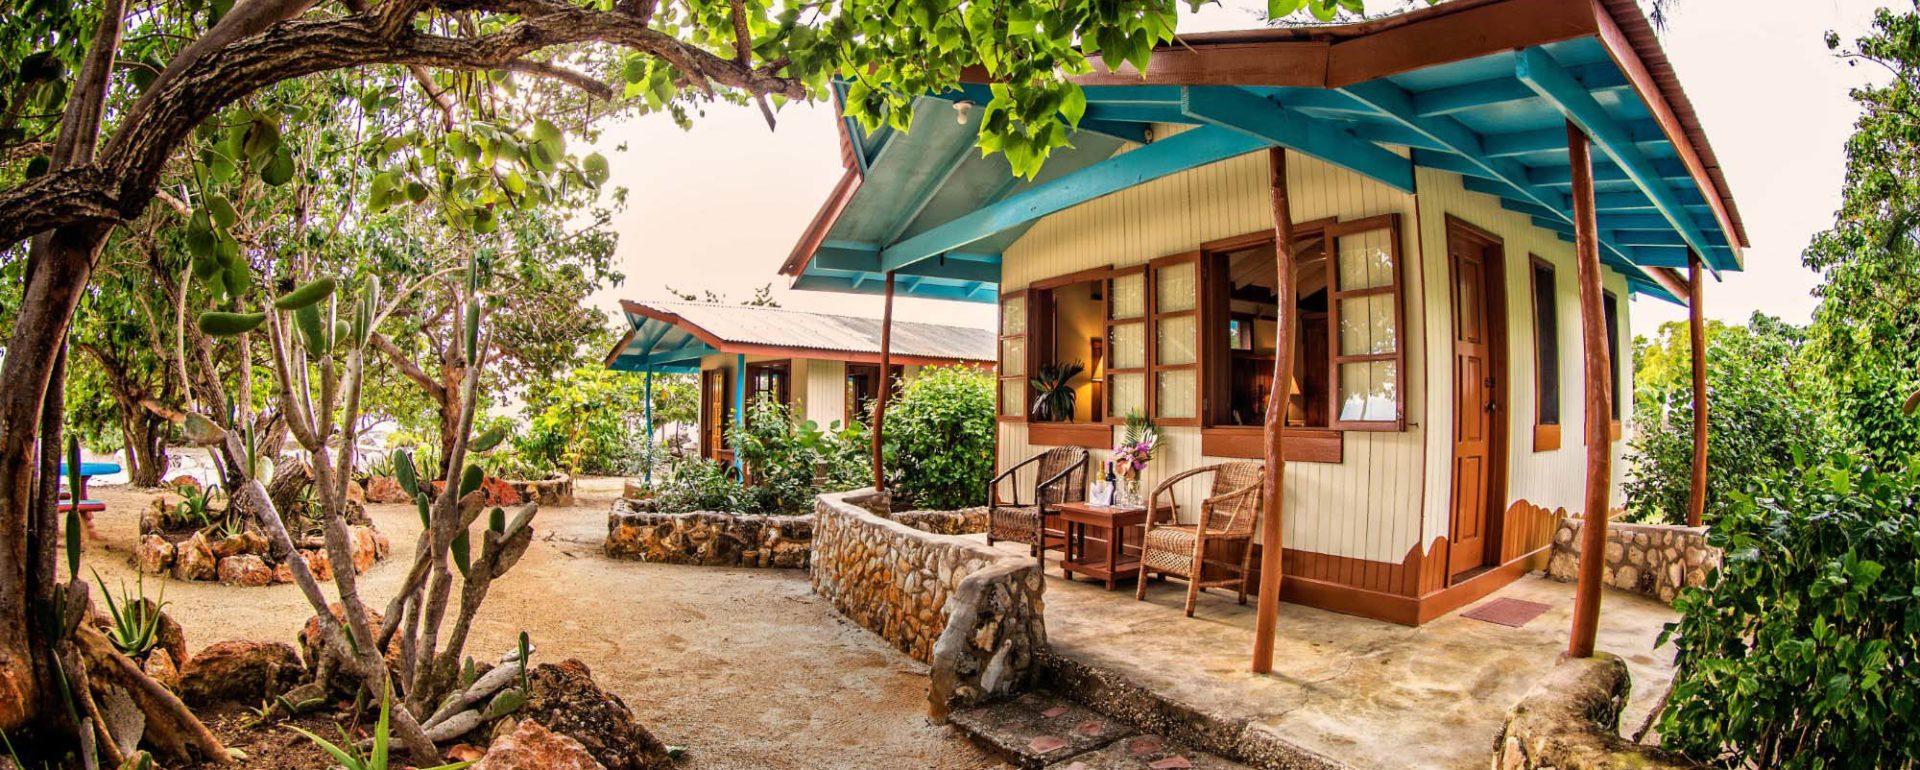 coral-cove-resort